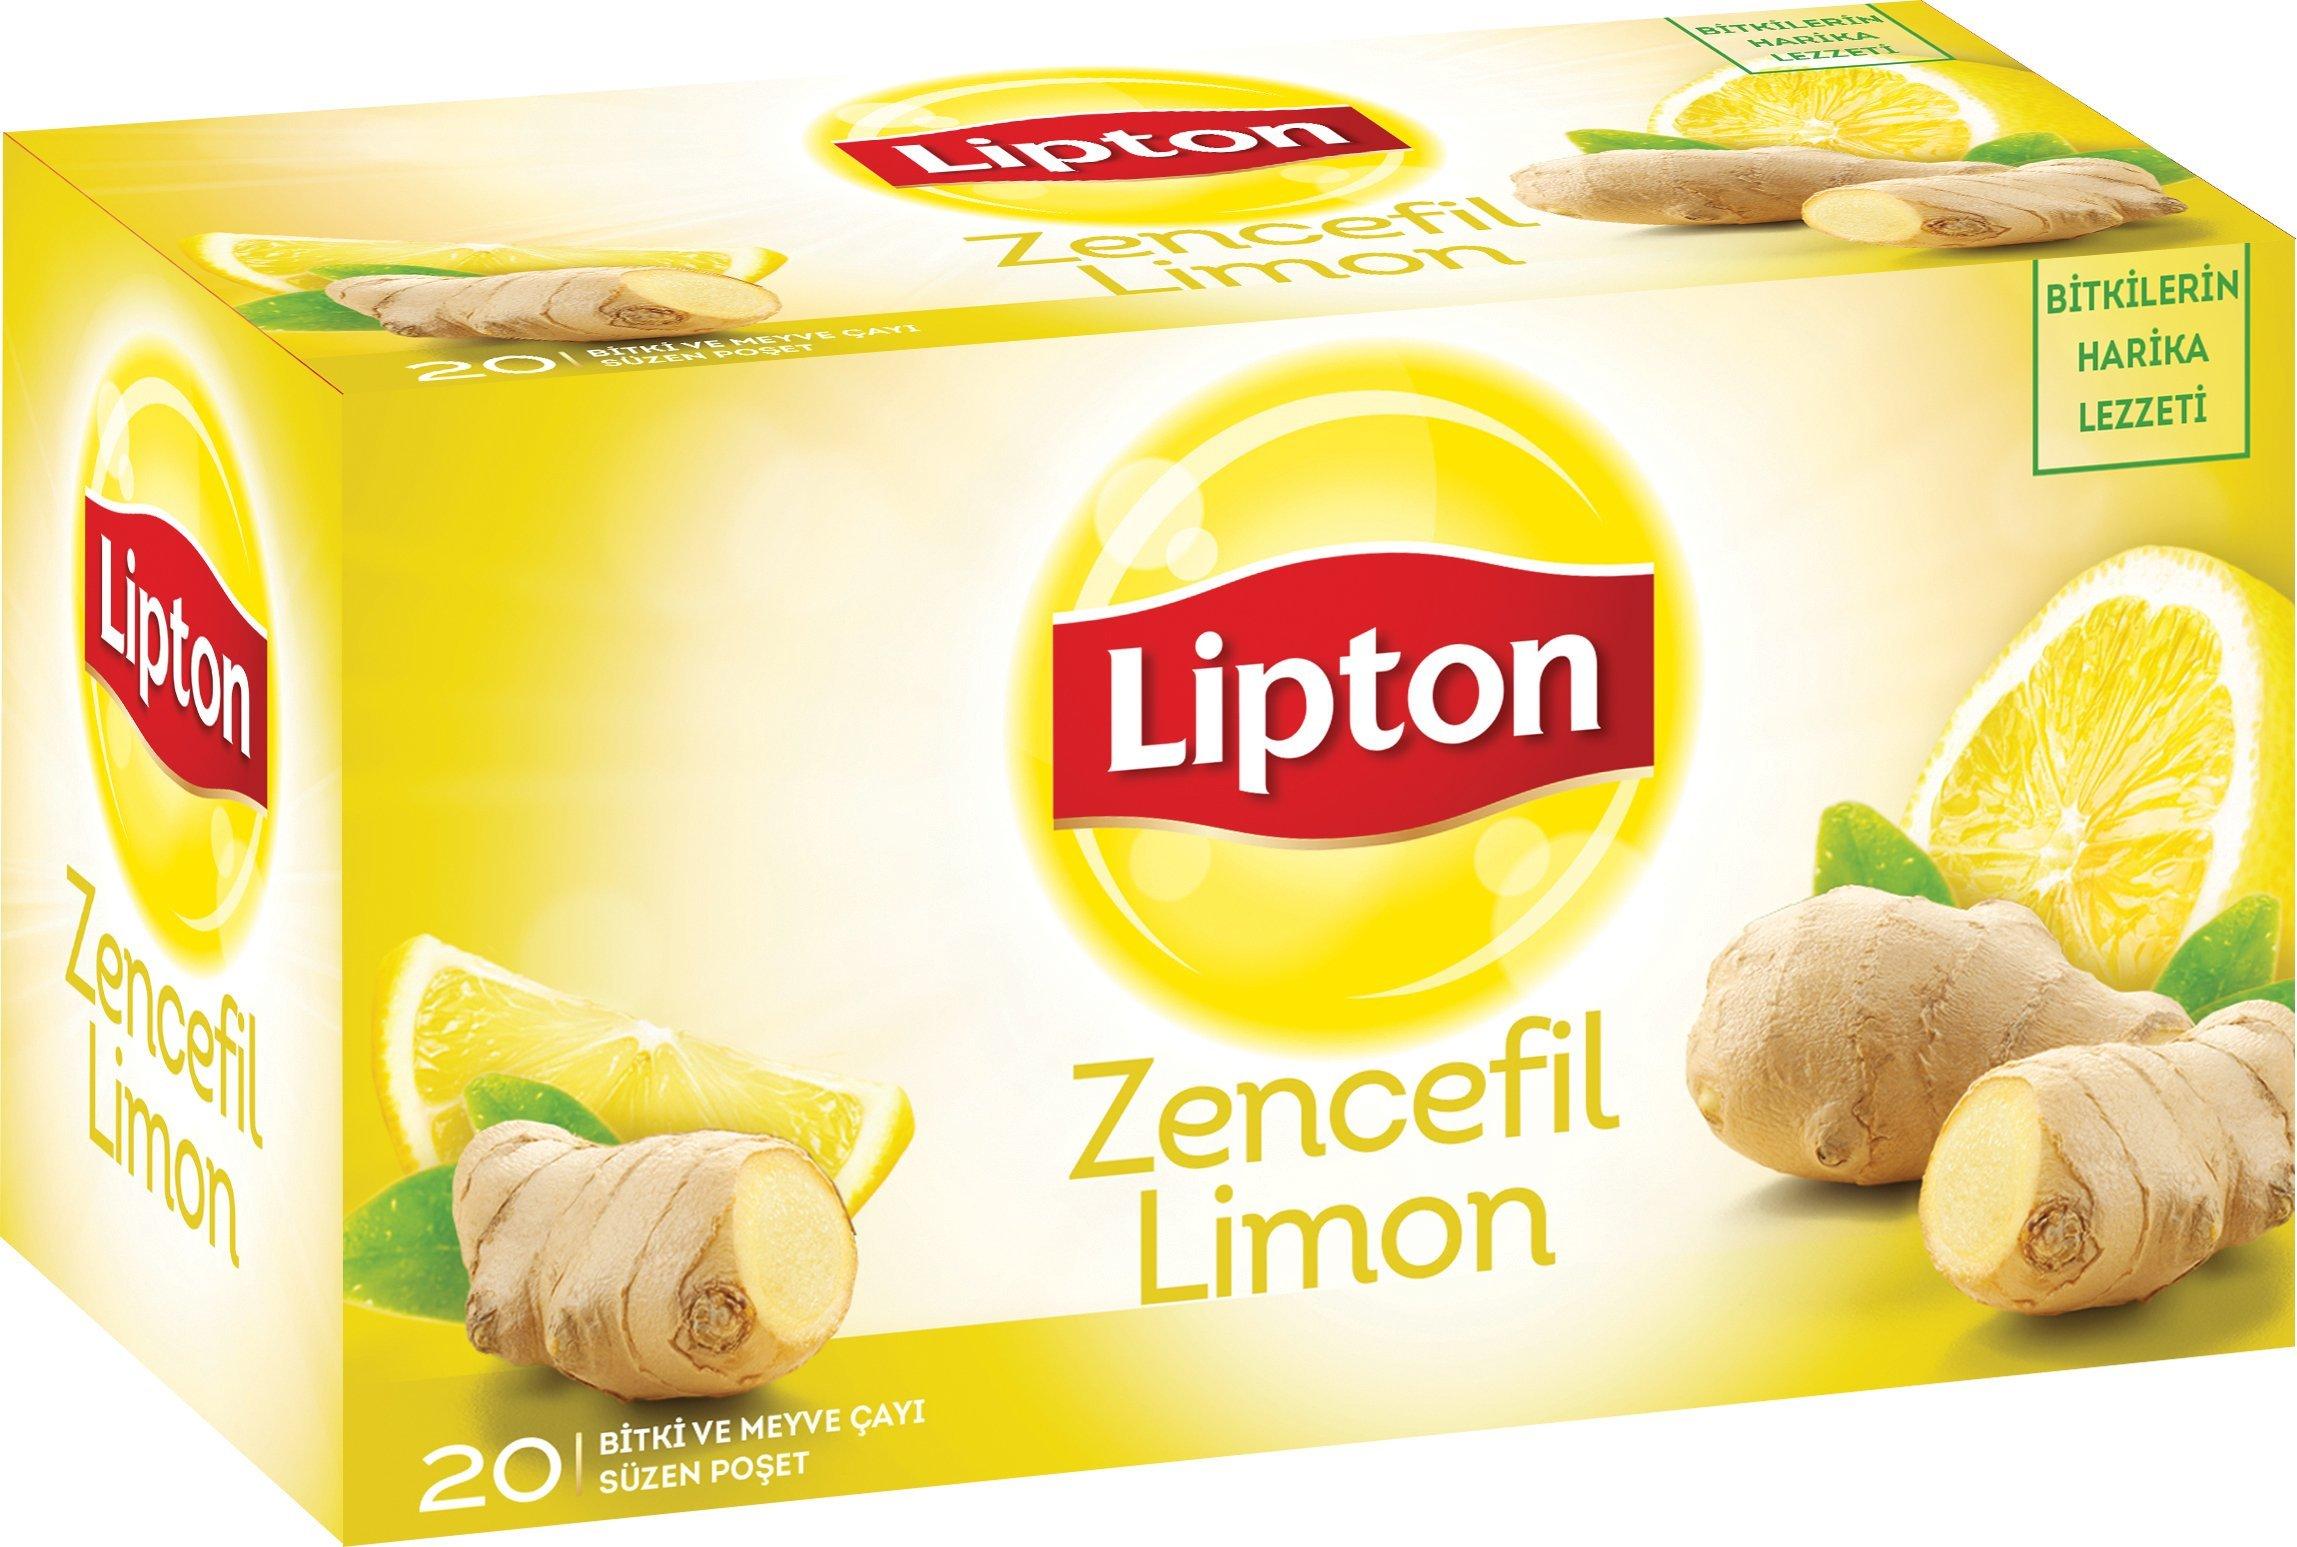 Lipton Zencefil Limon Bardak Poşet 20'li